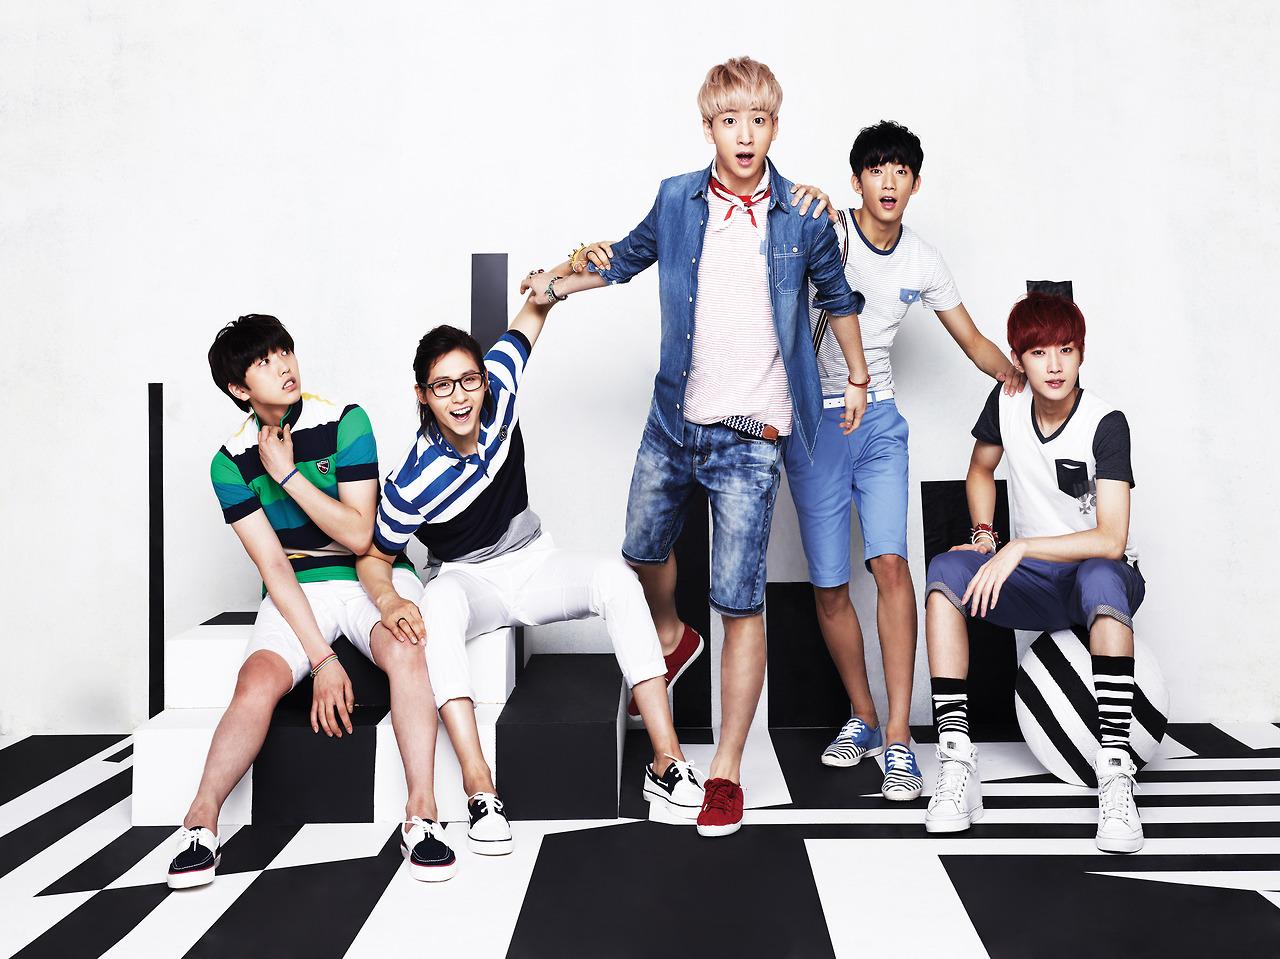 大人気K-POPアイドル!B1A4の自分の彼女にしたい好きなタイプは…?